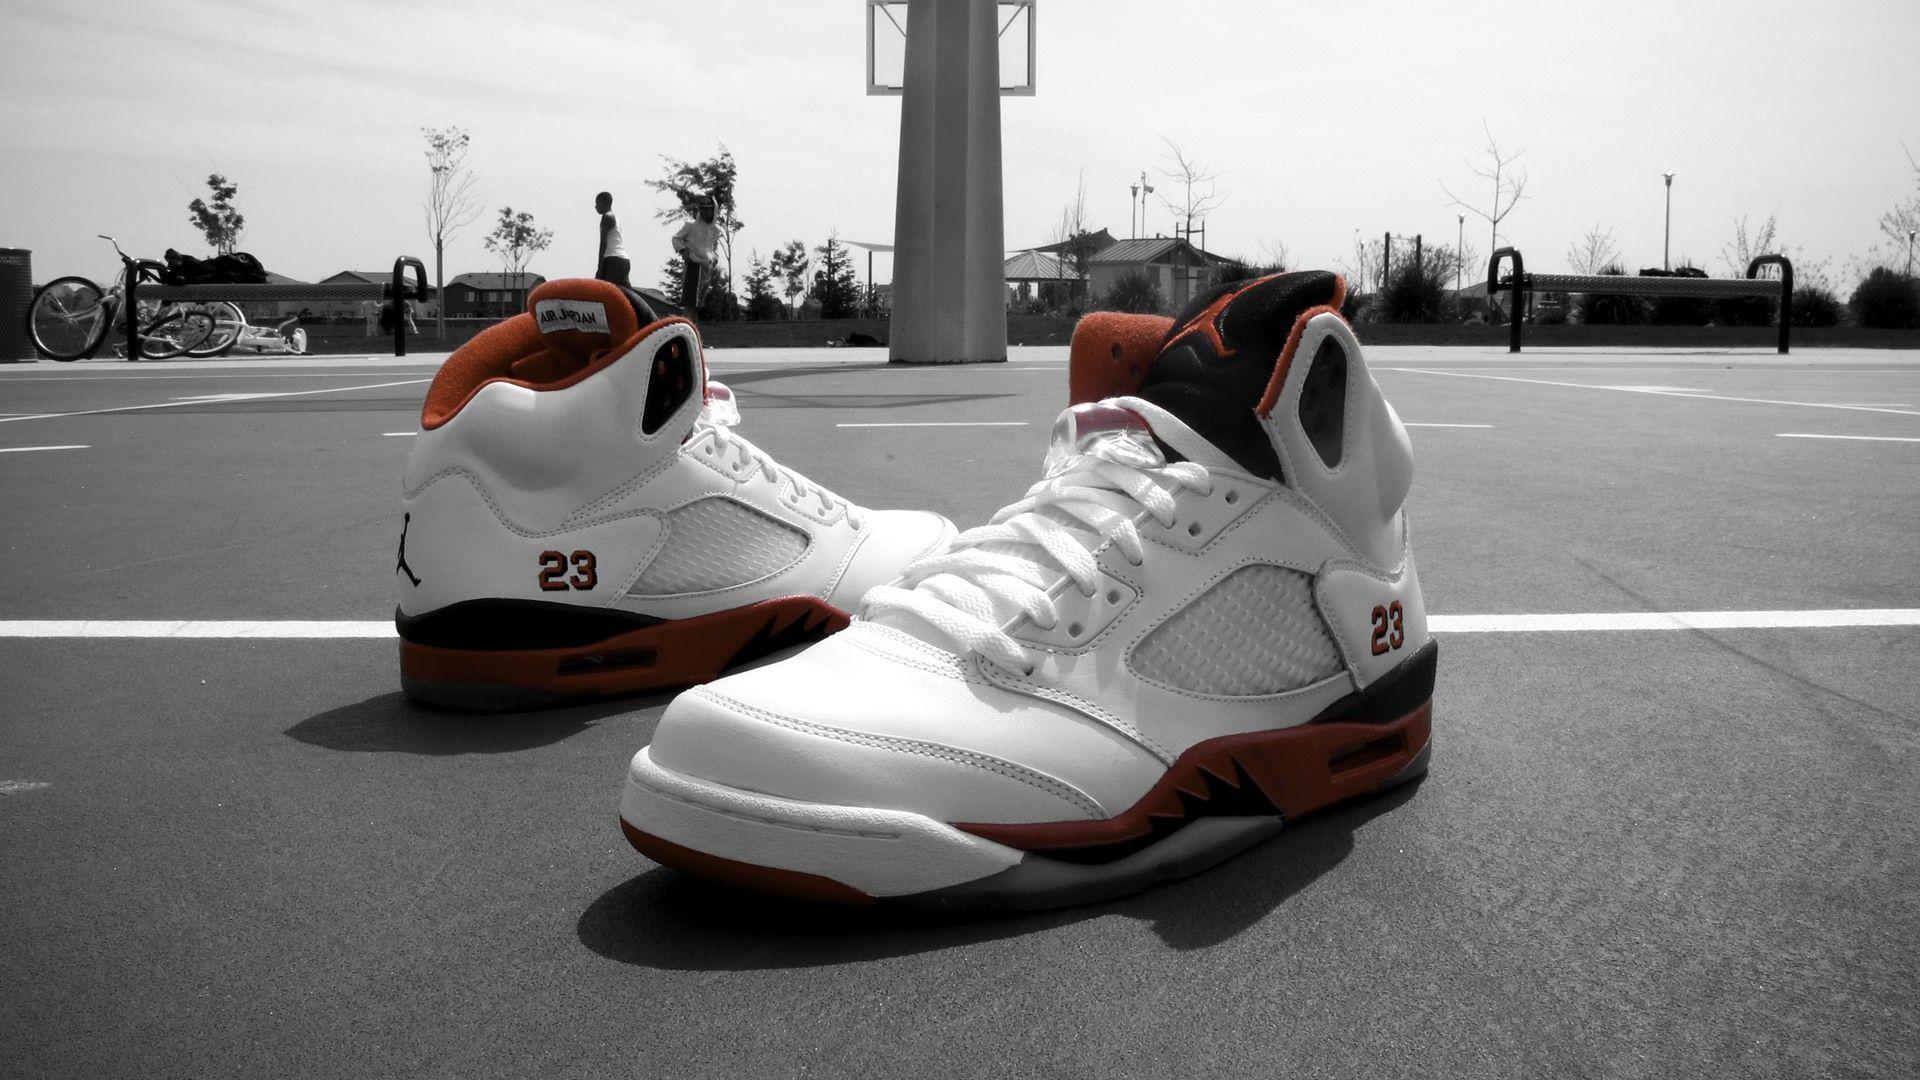 753106ca0a8 Download Air Jordan Shoes Wallpapers 1920x1080